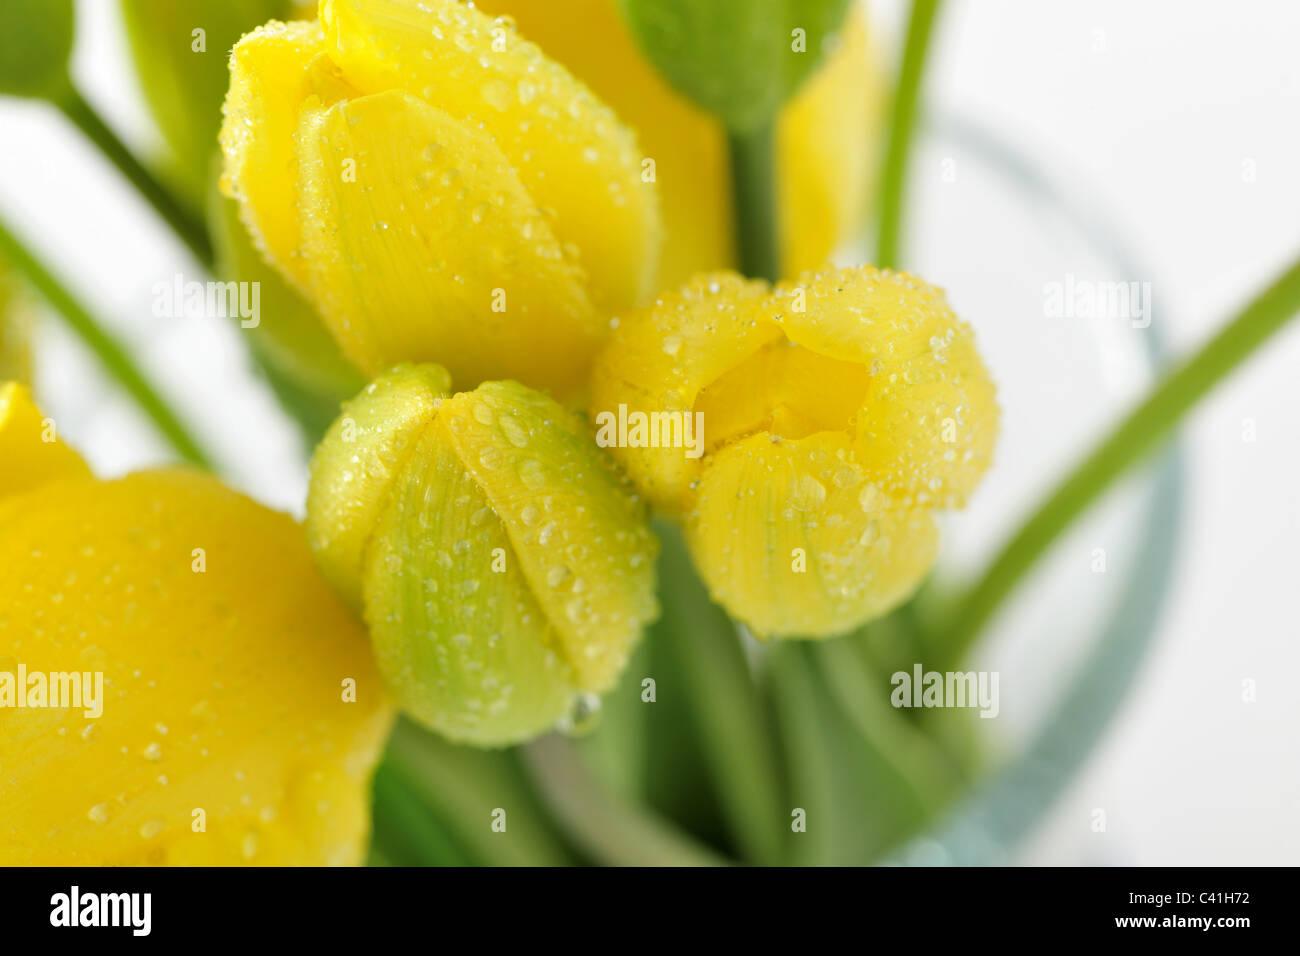 Beauté, détail, fleur, pétales, seul, stil life, tulipes, arrière-plan, beau, beauté, fleurs, Photo Stock